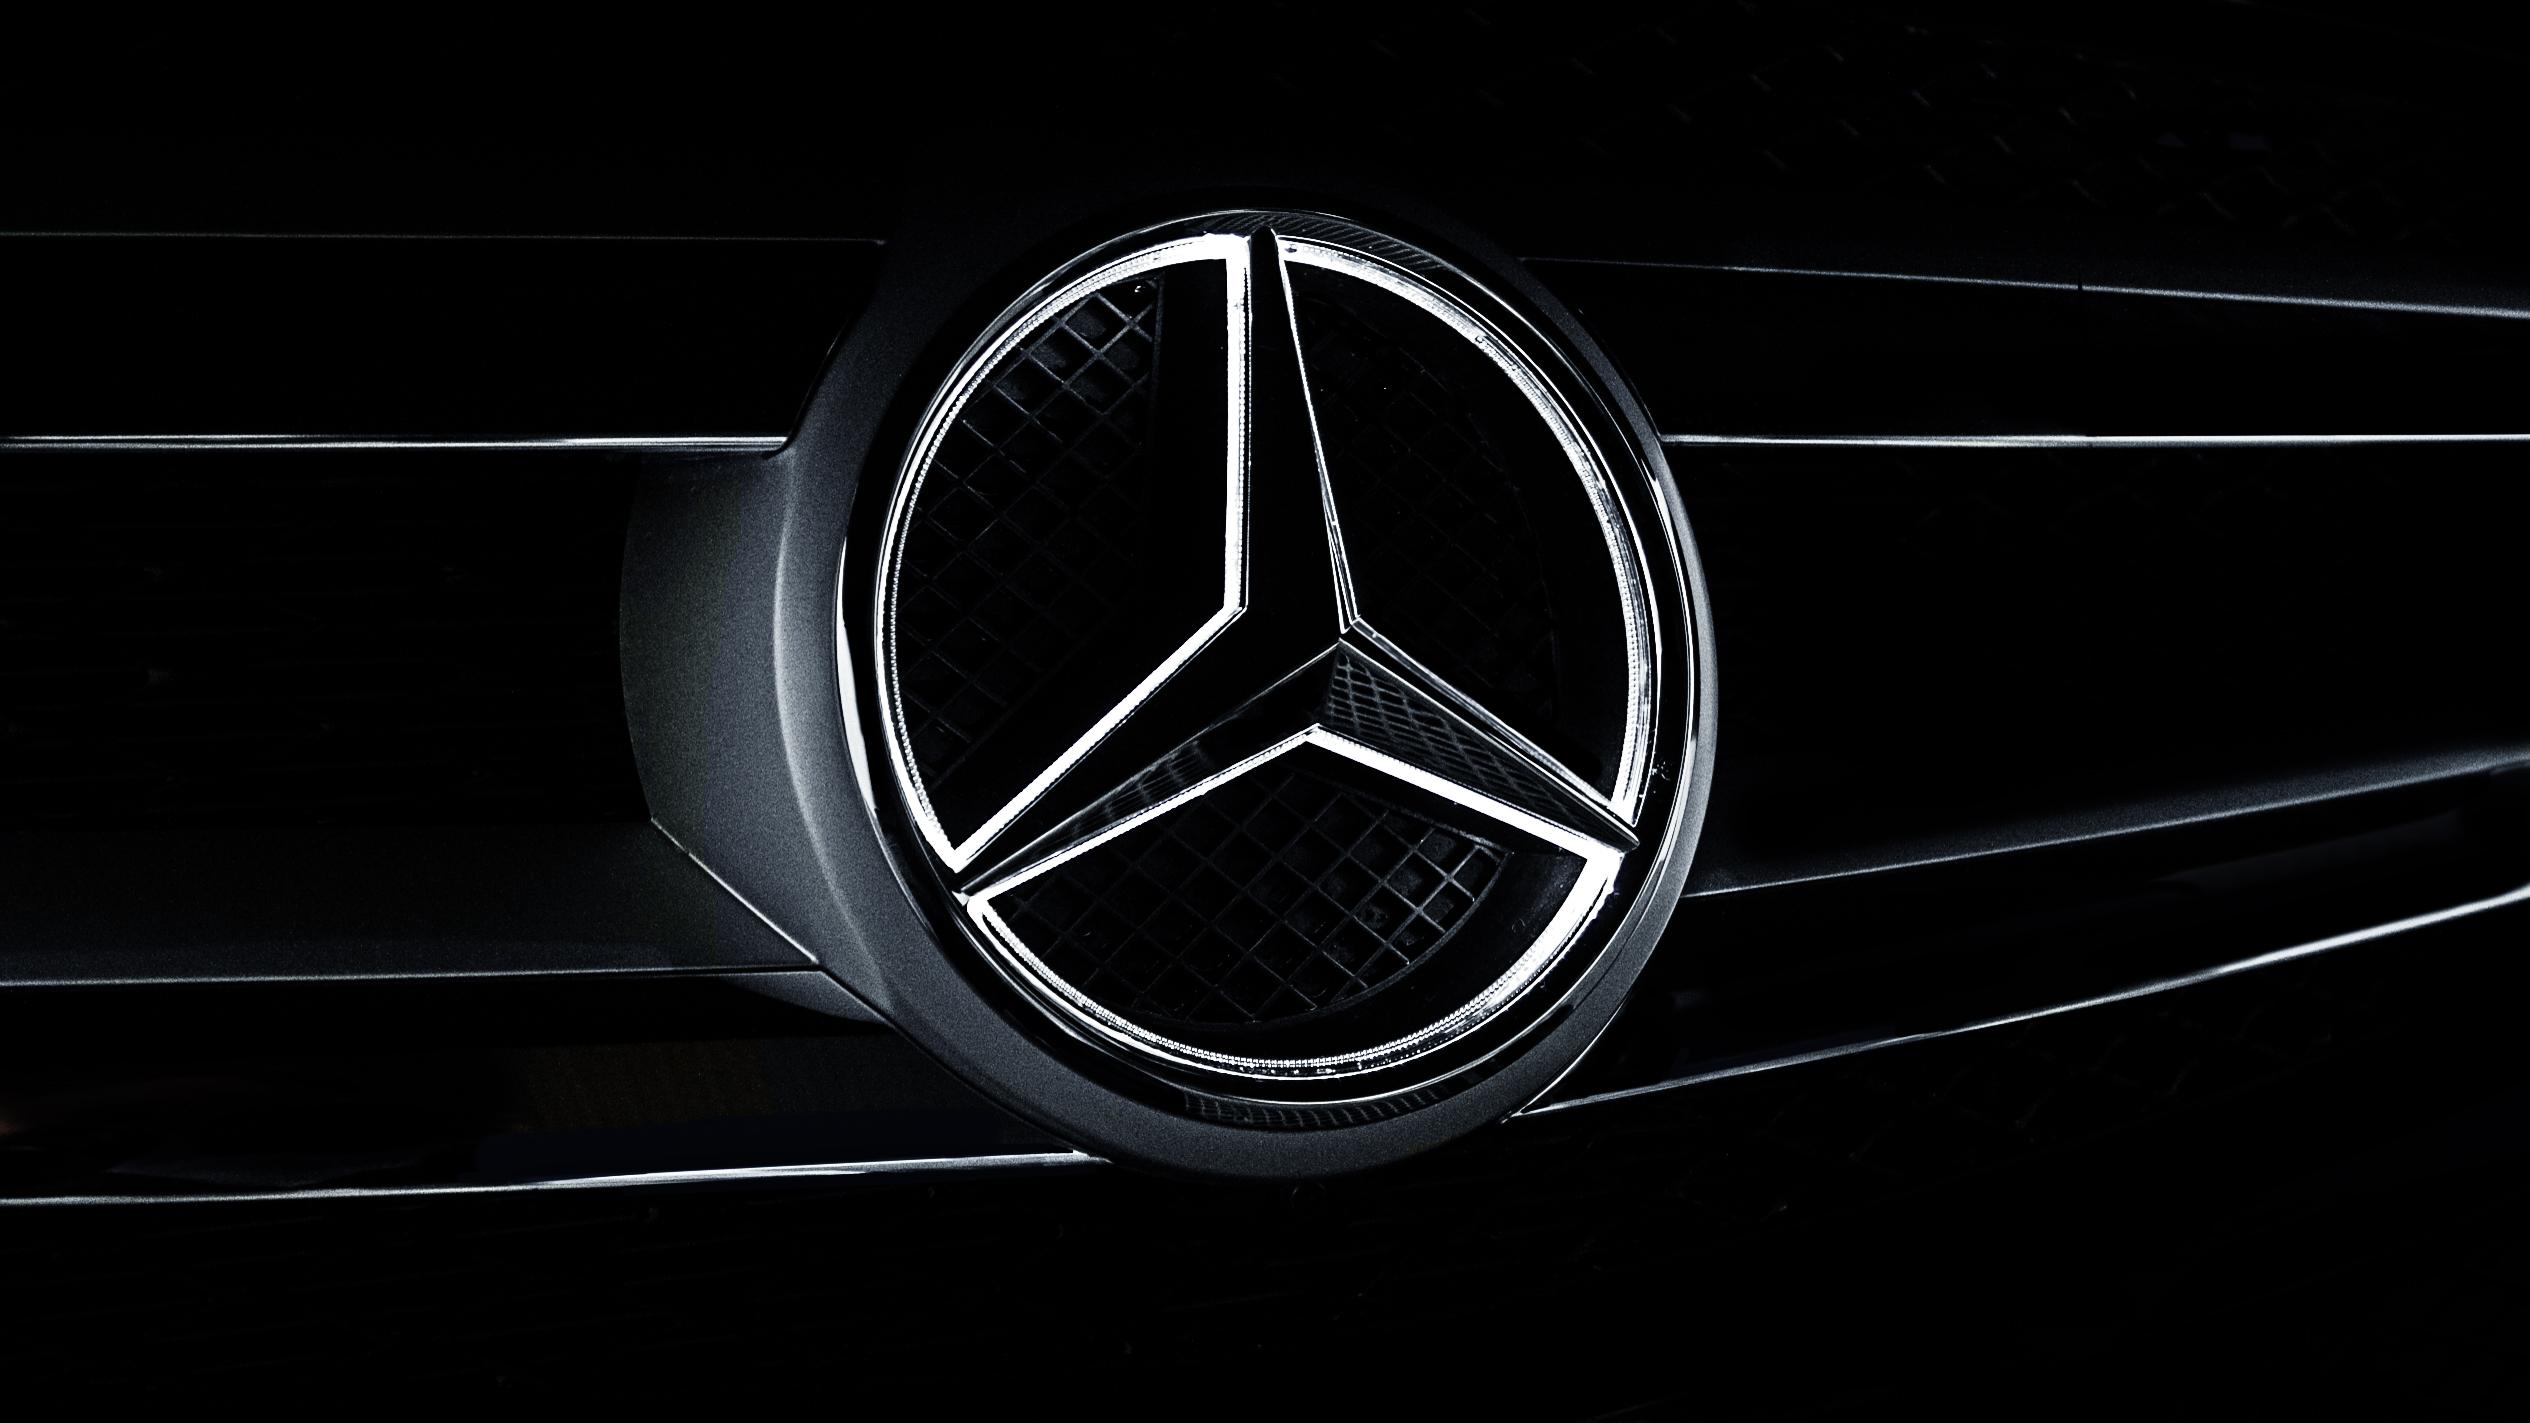 Mercedes f1 iphone 6 wallpaper 9